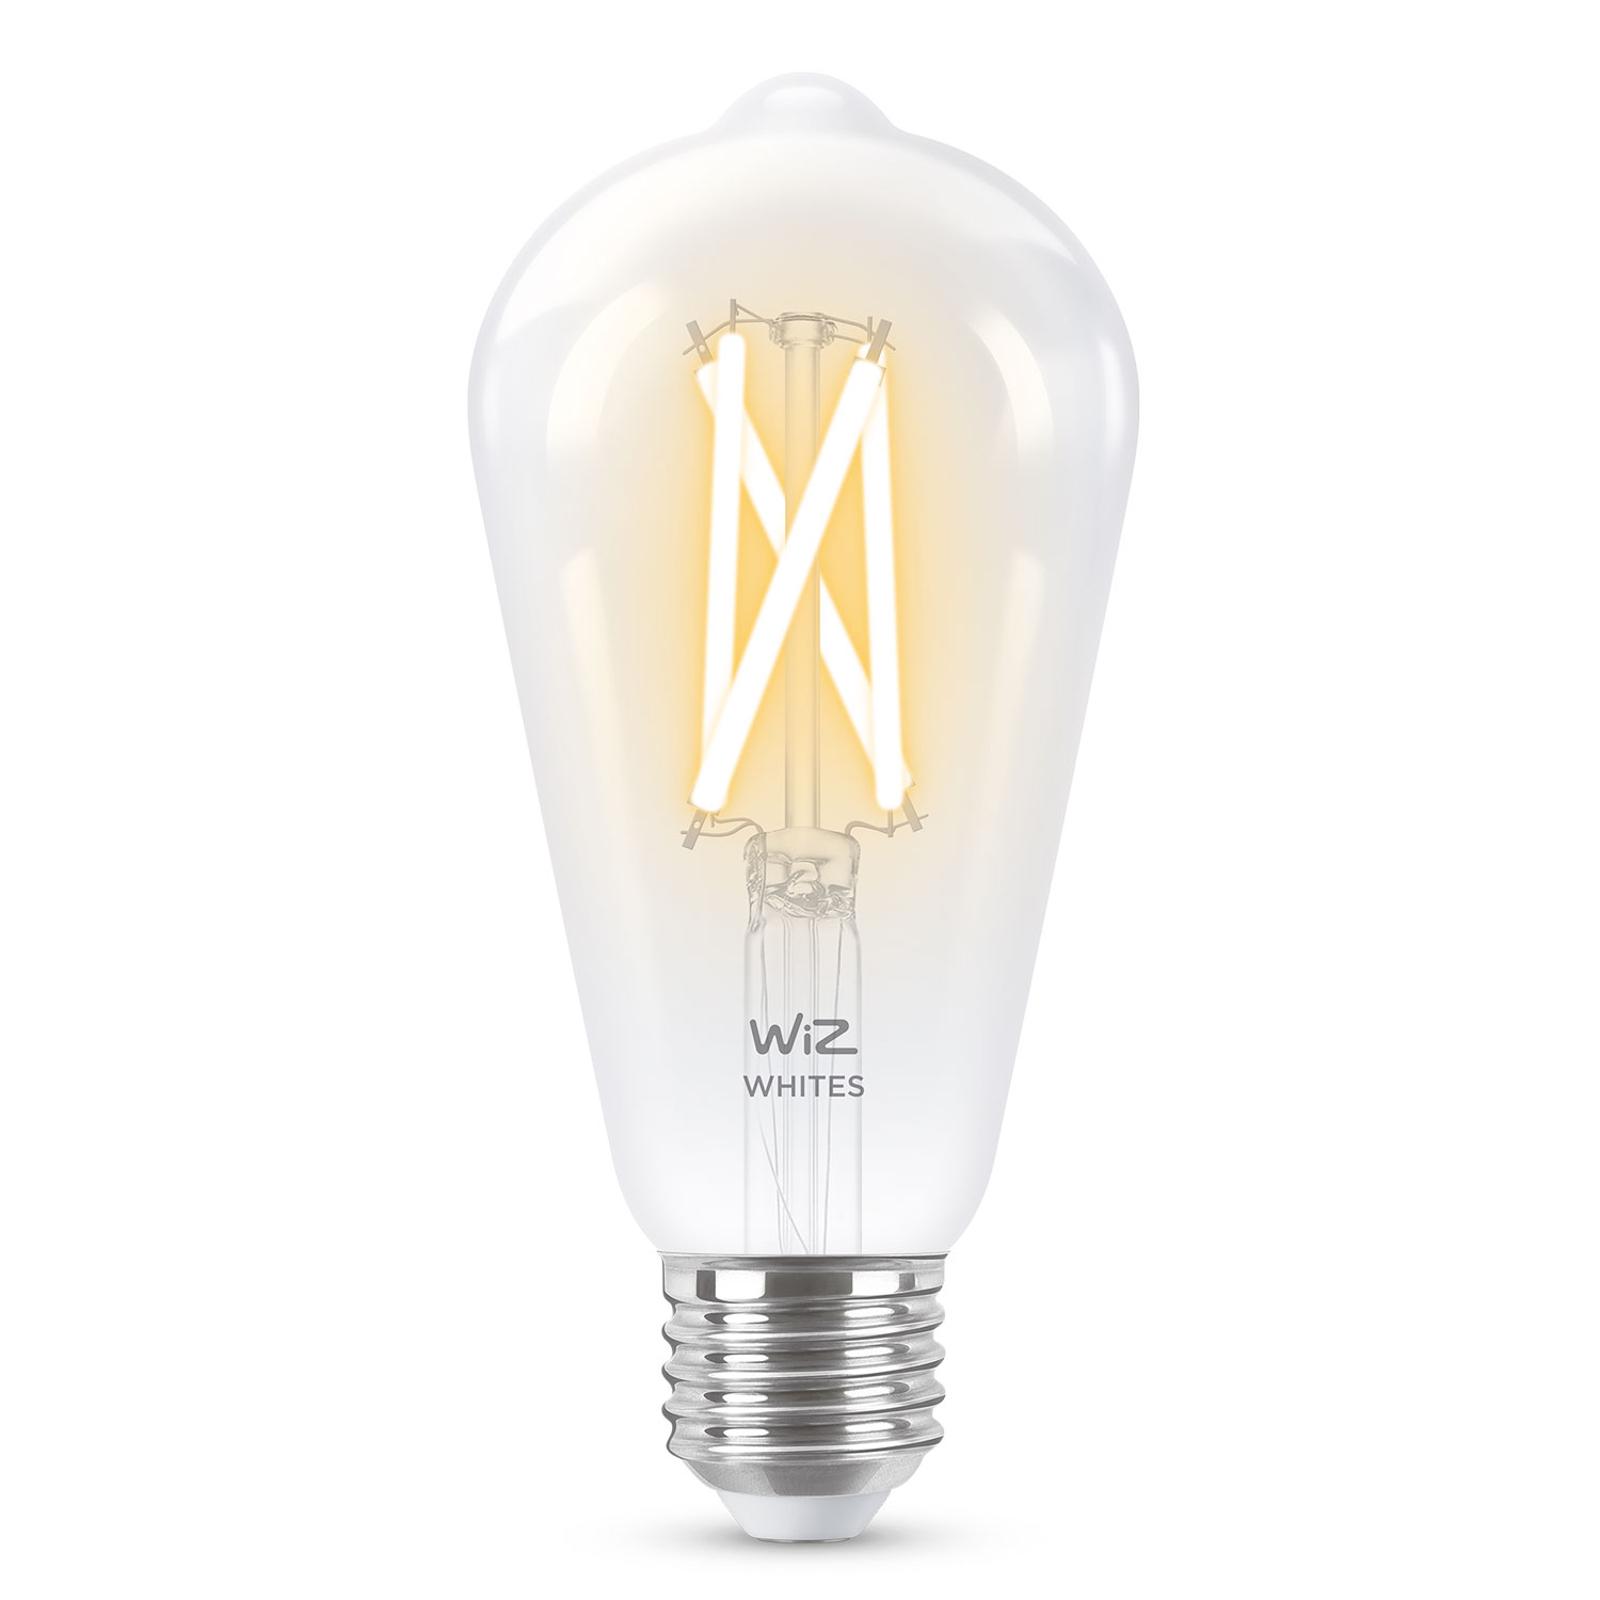 WiZ E27 LED ST64 Filament klar 6,5W 2.200-5.500K